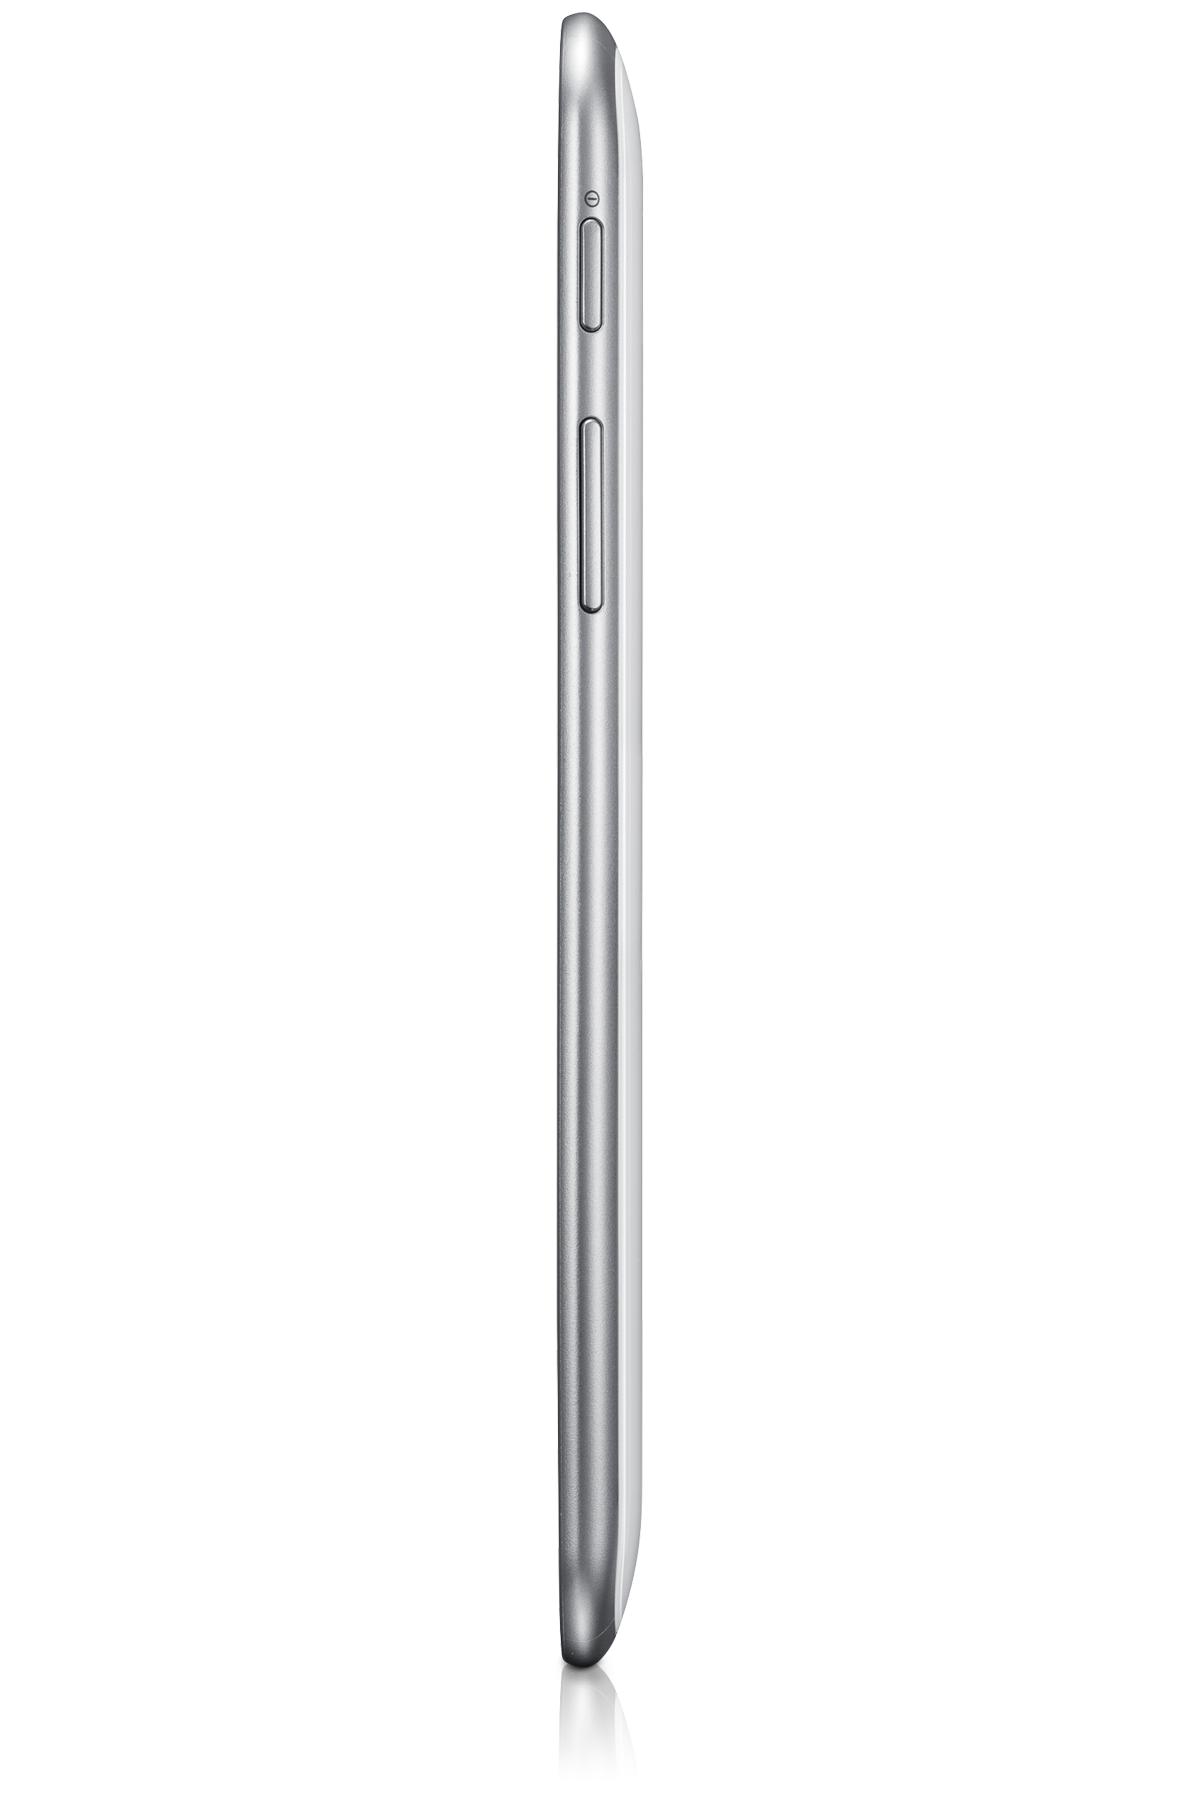 GT-P6210 Derecha